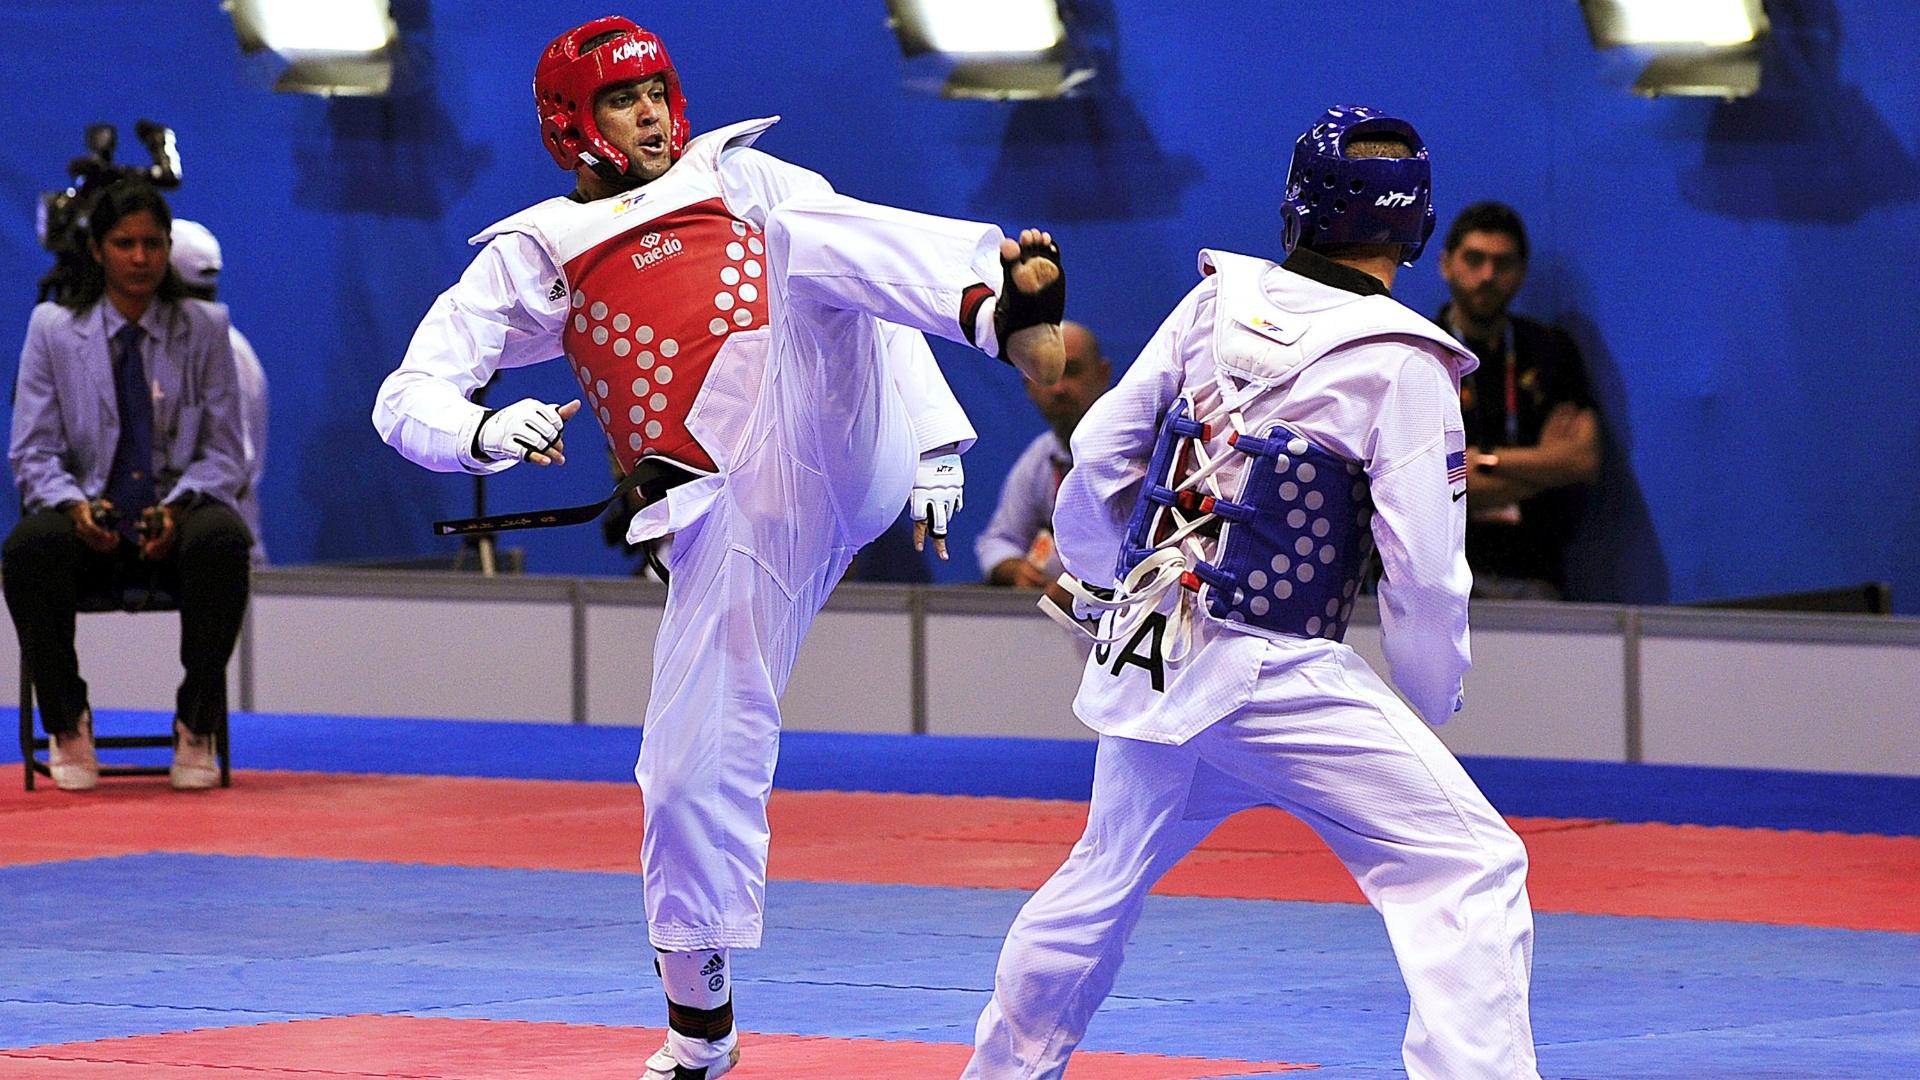 Douglas Marcelino (de vermelho) perdeu por 8 a 5 em sua luta de estreia e foi eliminado no taekwondo, na categoria até 80kg (17/10/2011)